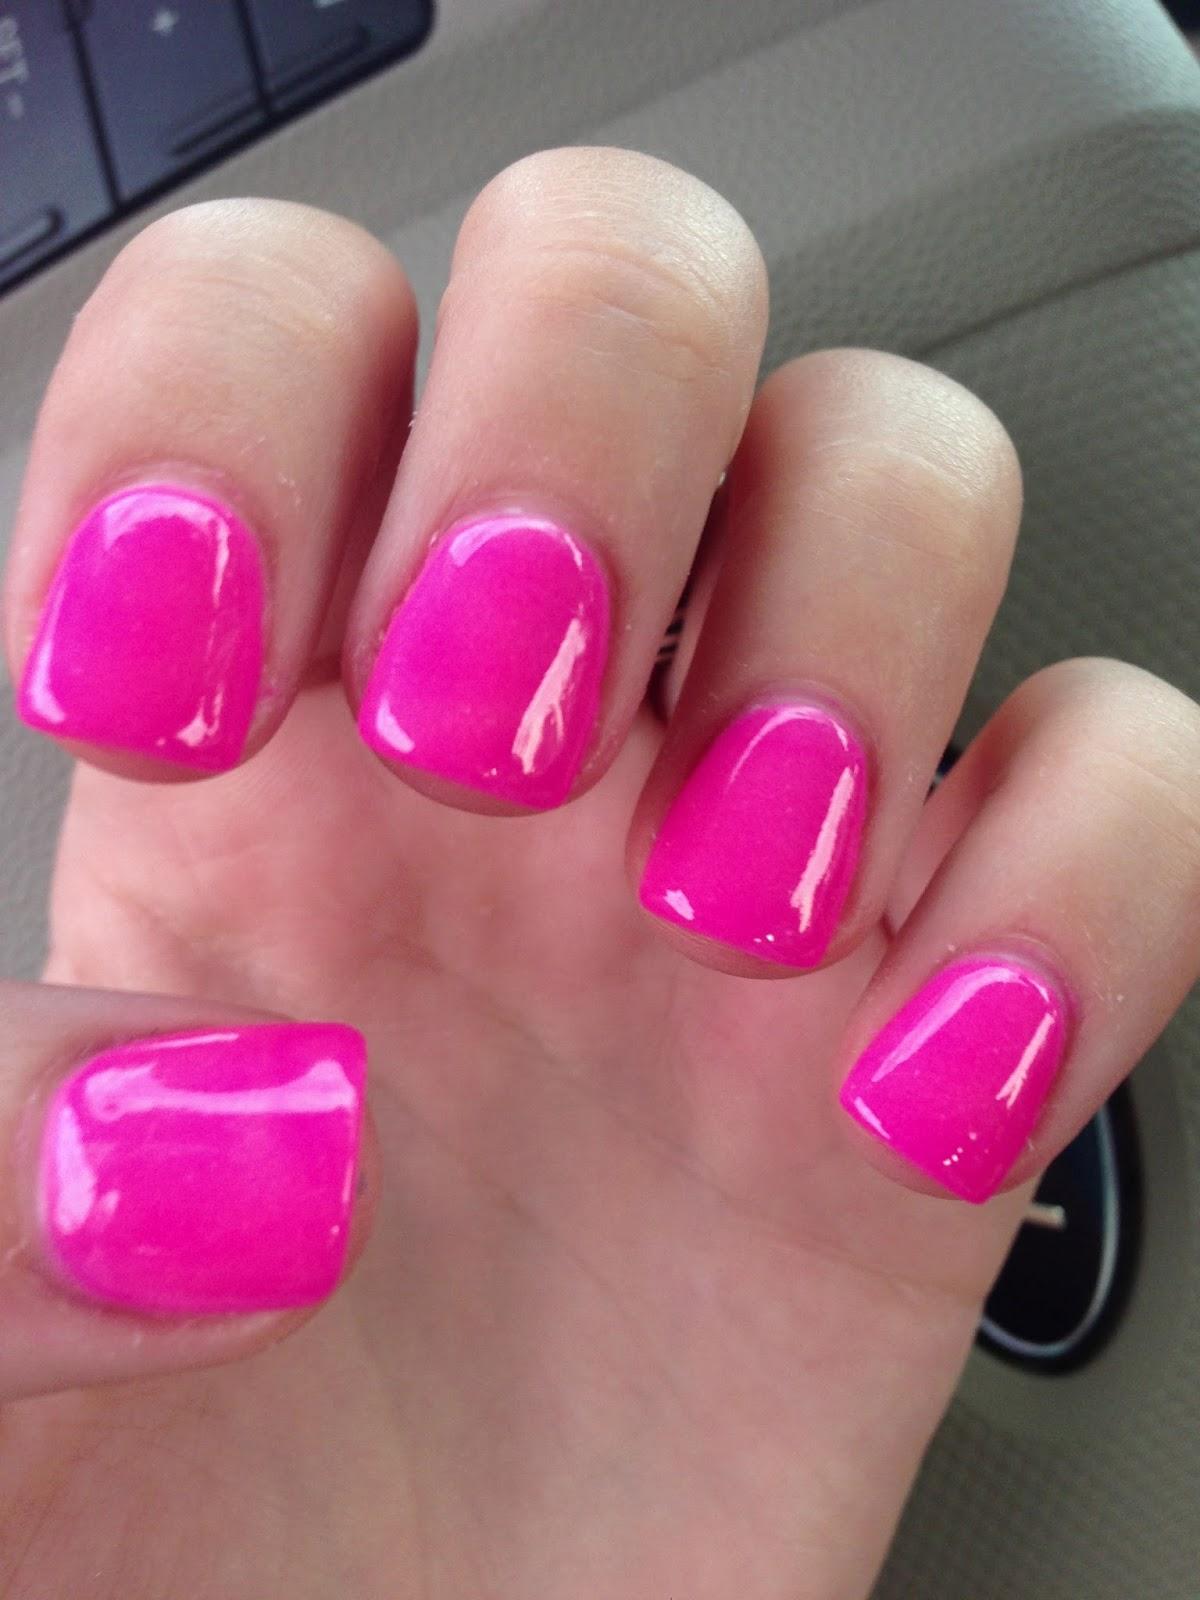 Dipped nails vs. gel nails - Expression Nails